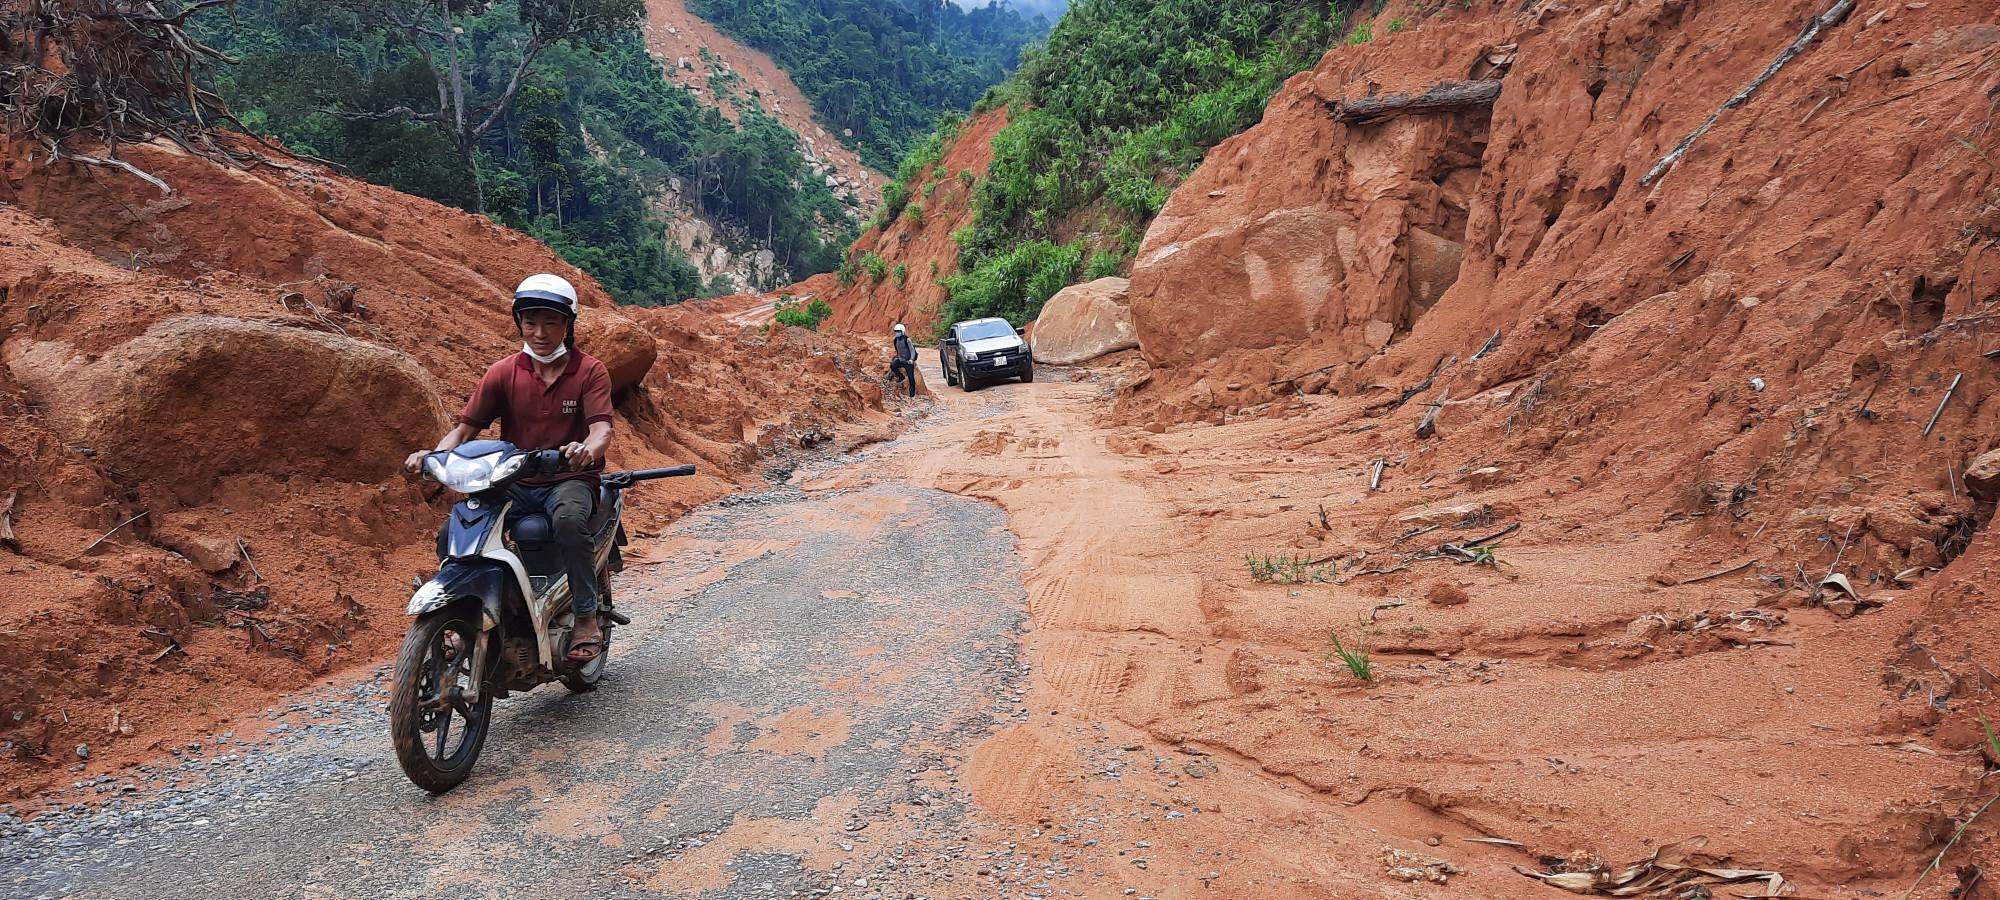 Đoạn đường từ xã Phước Công đi sang xã Phước Lộc có những đoạn tiềm ẩn nguy cơ sạt lở rất cao khi chân núi đã bị đứt gãy, chỉ cần mưa lớn là đổ ập xuống